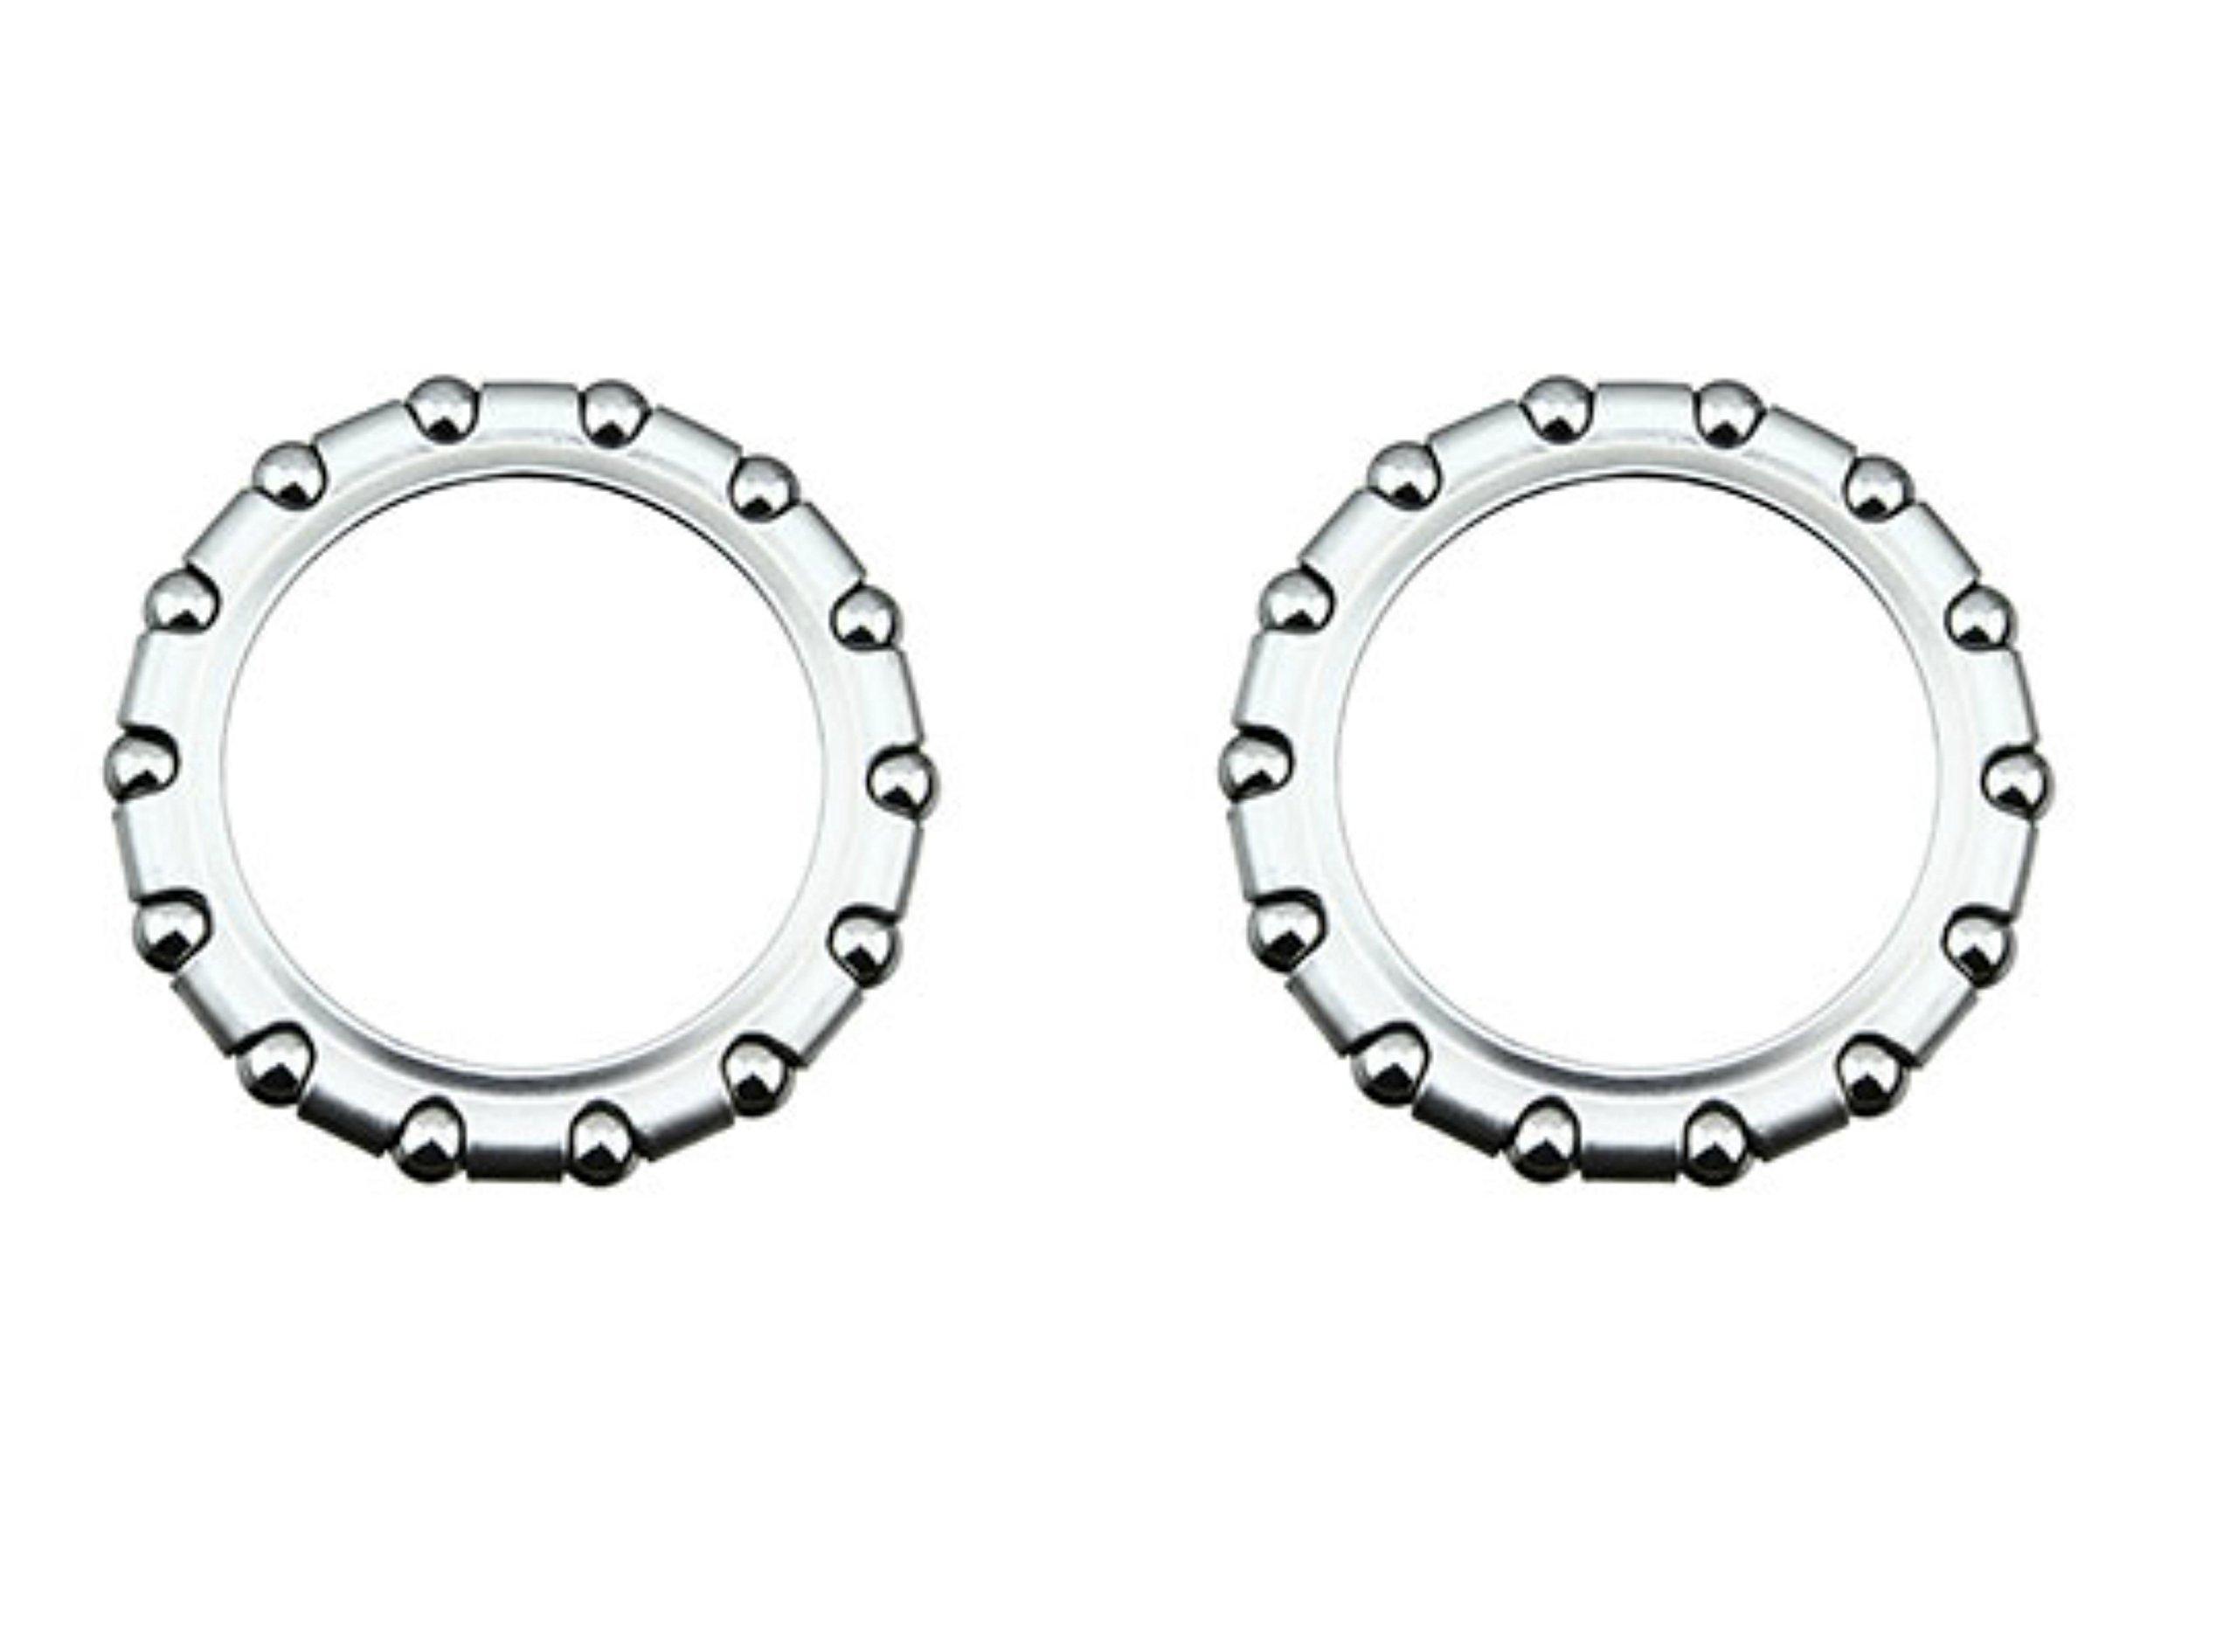 Lowrider 2 BEARING SET for HEAD SET 5/32'' Ball Size X 14 Balls. Set of bearing. Pair of bearings.